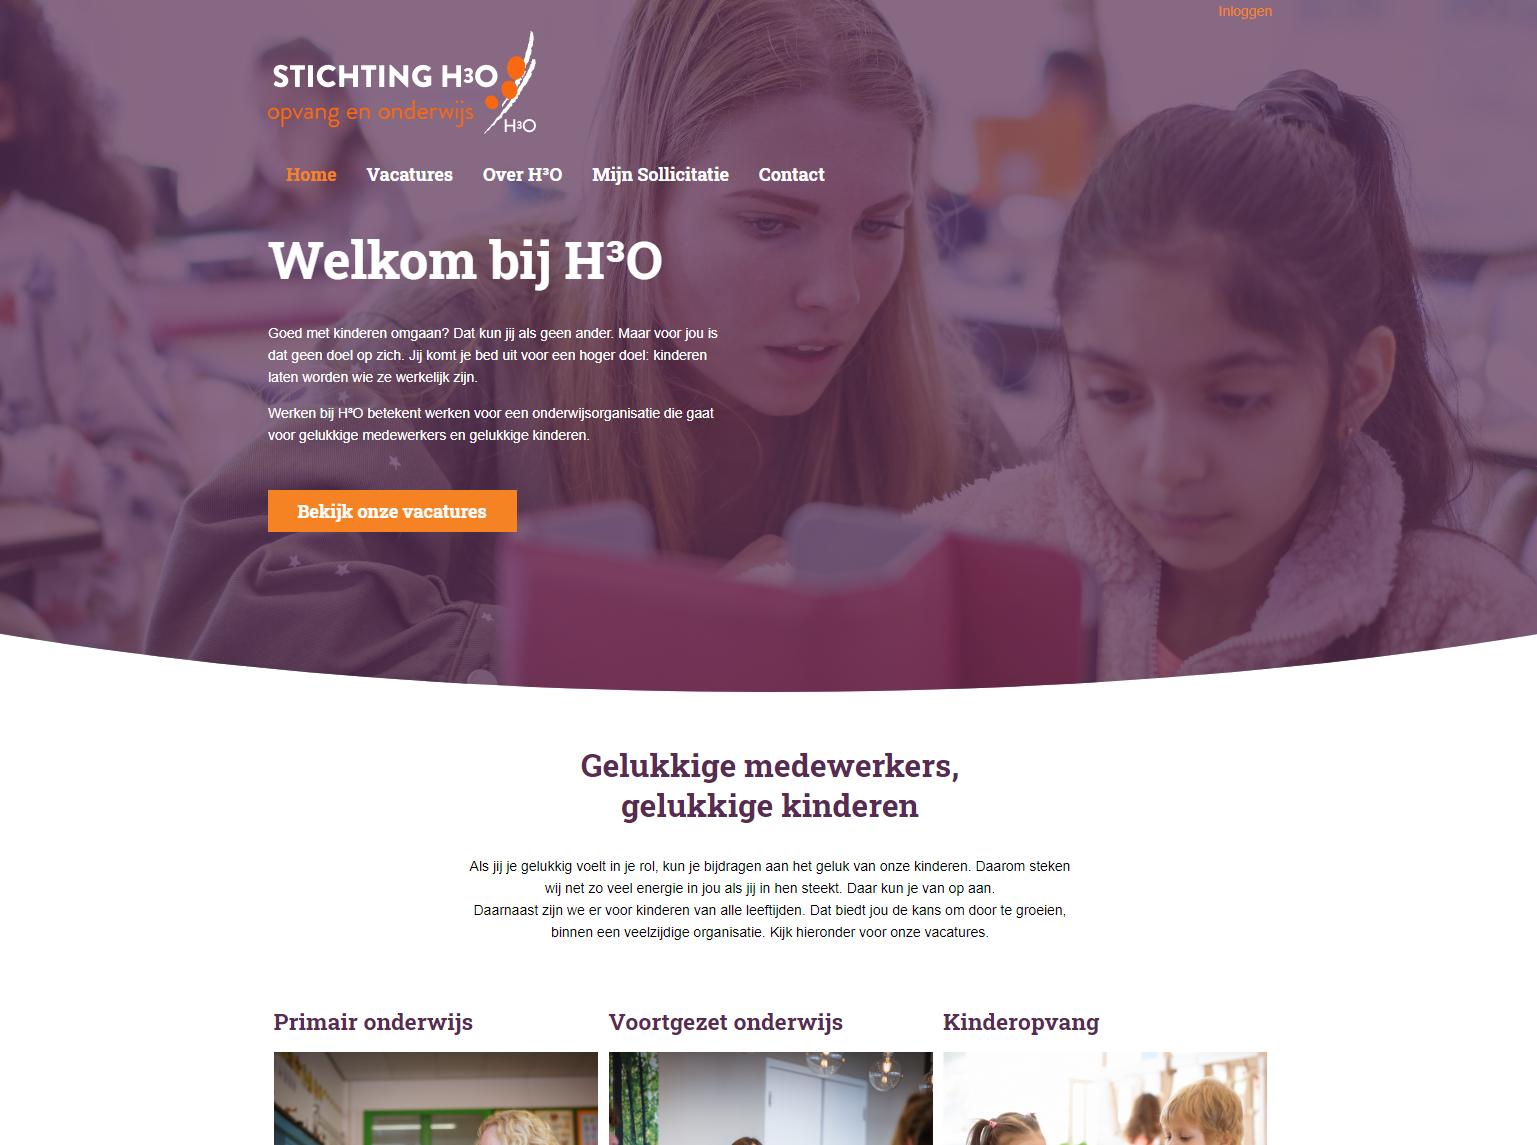 Stichting H3OAFAS OutSite Werkenbij website case